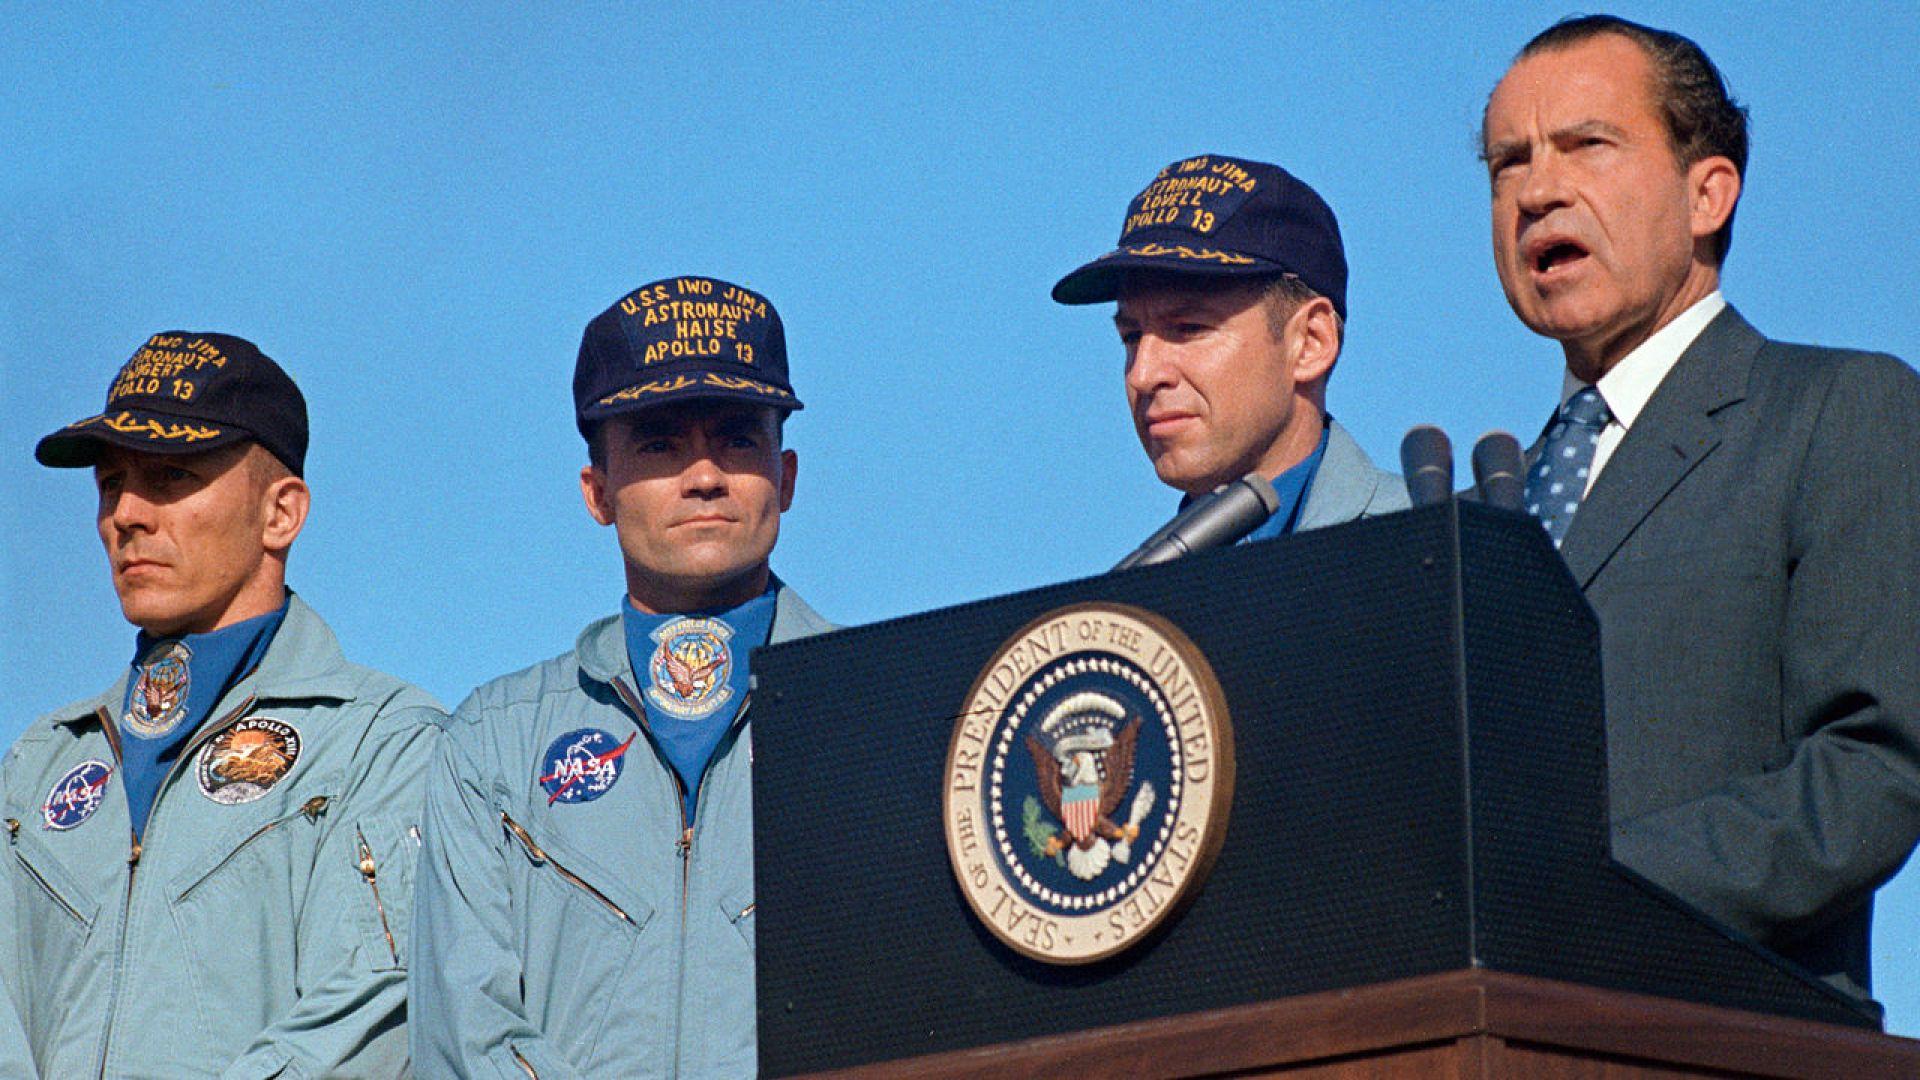 Астронавтите Лавел, Хейз и Суайгарт са посрещнати като герои от тогавашния президент Ричард Никсън